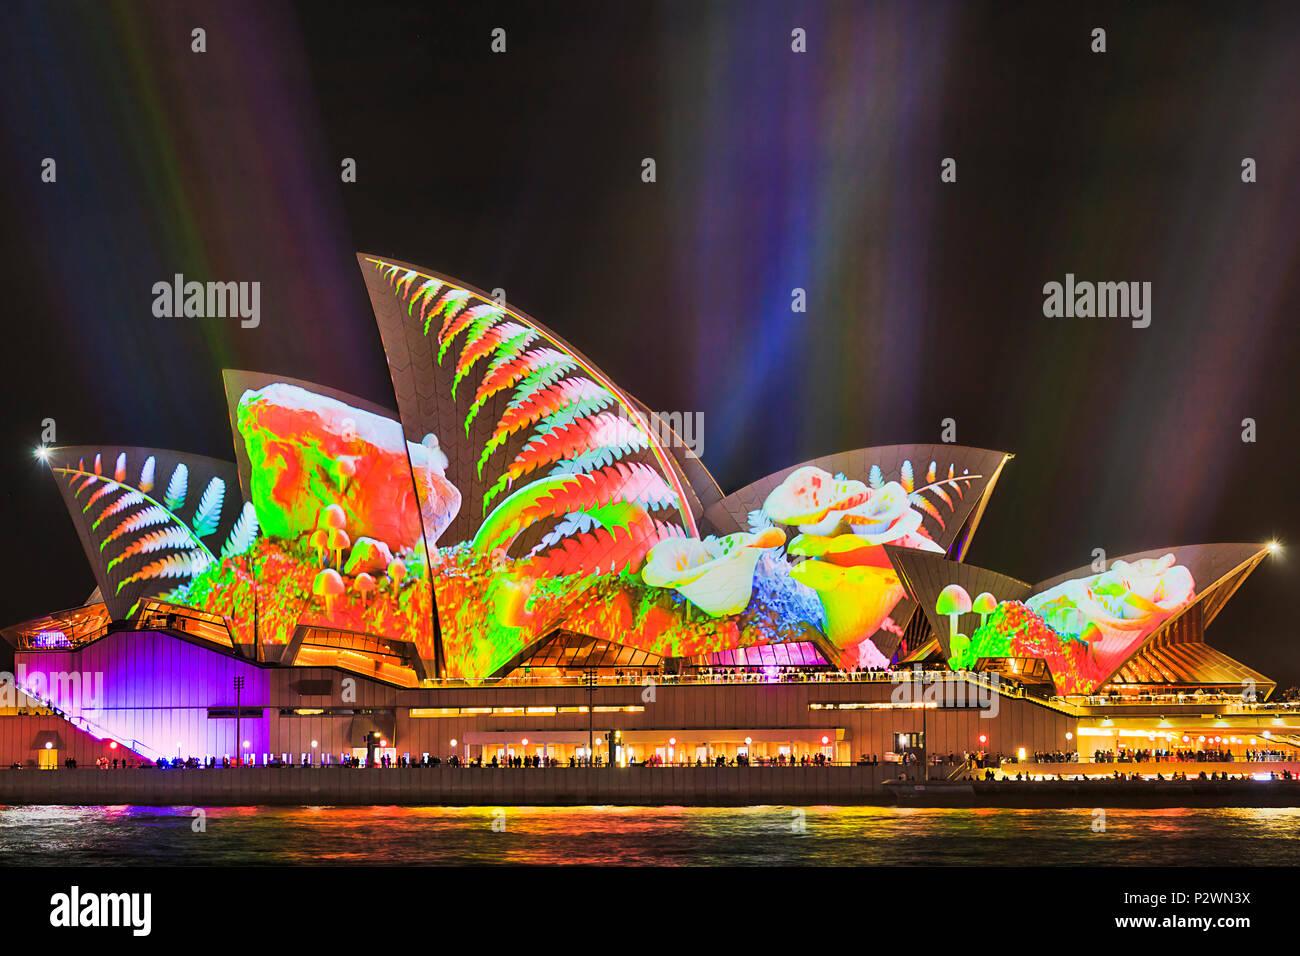 Sydney, Australien - 25. Mai, 2018: die Stadt Sydney Wahrzeichen von Sydney Opera House am Hafen am Wasser während der jährlichen Light Show aus Licht und Ideen in Brig. Stockbild